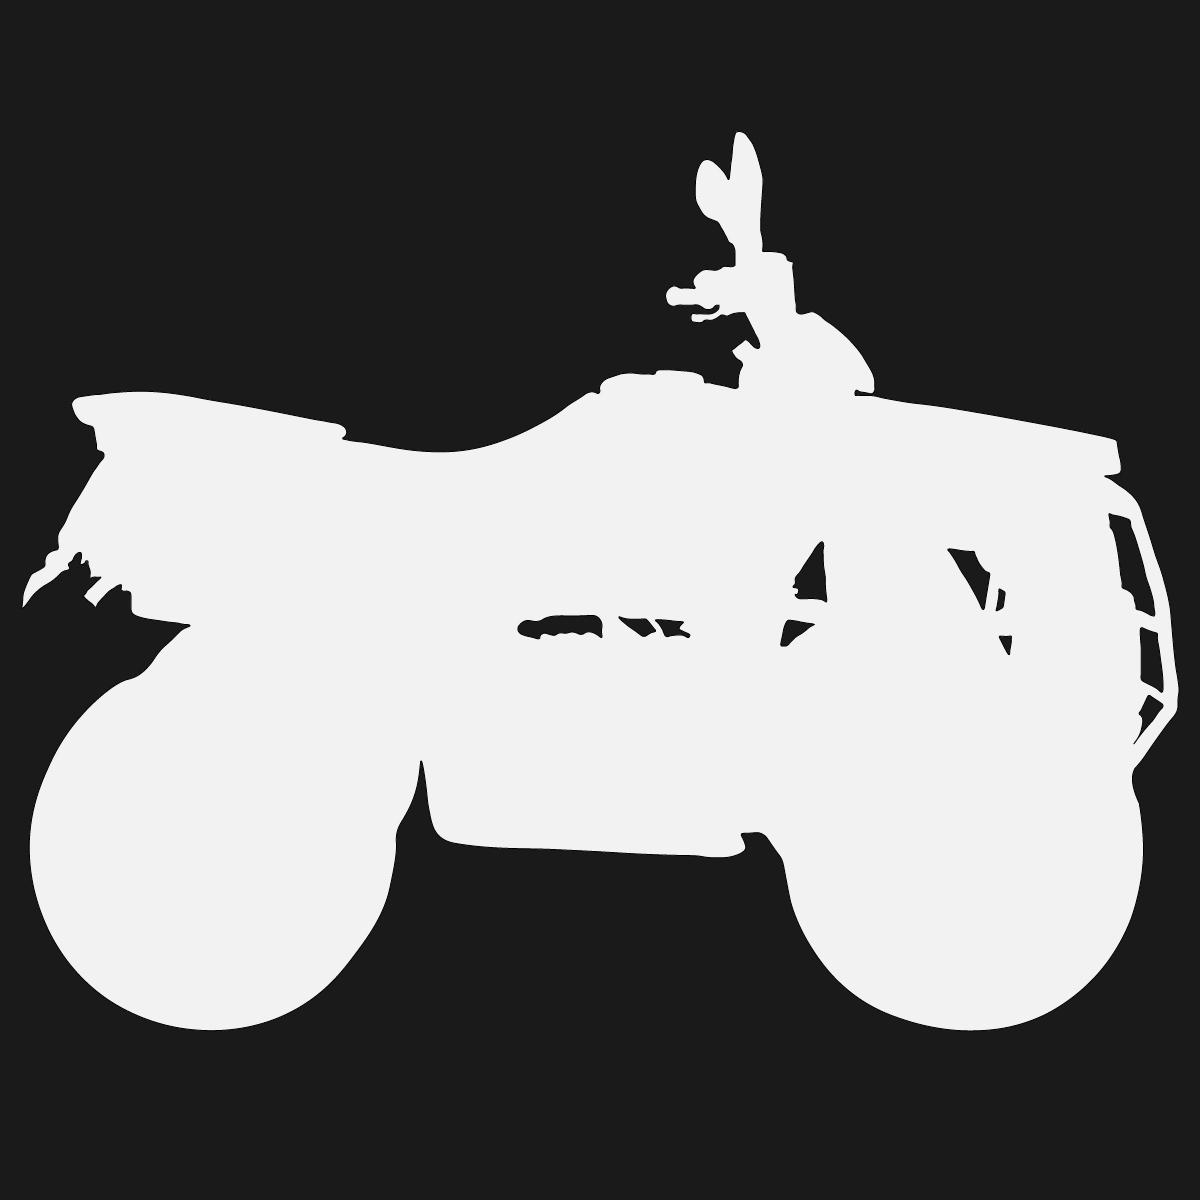 sprzedaż skutery quady małopolskie